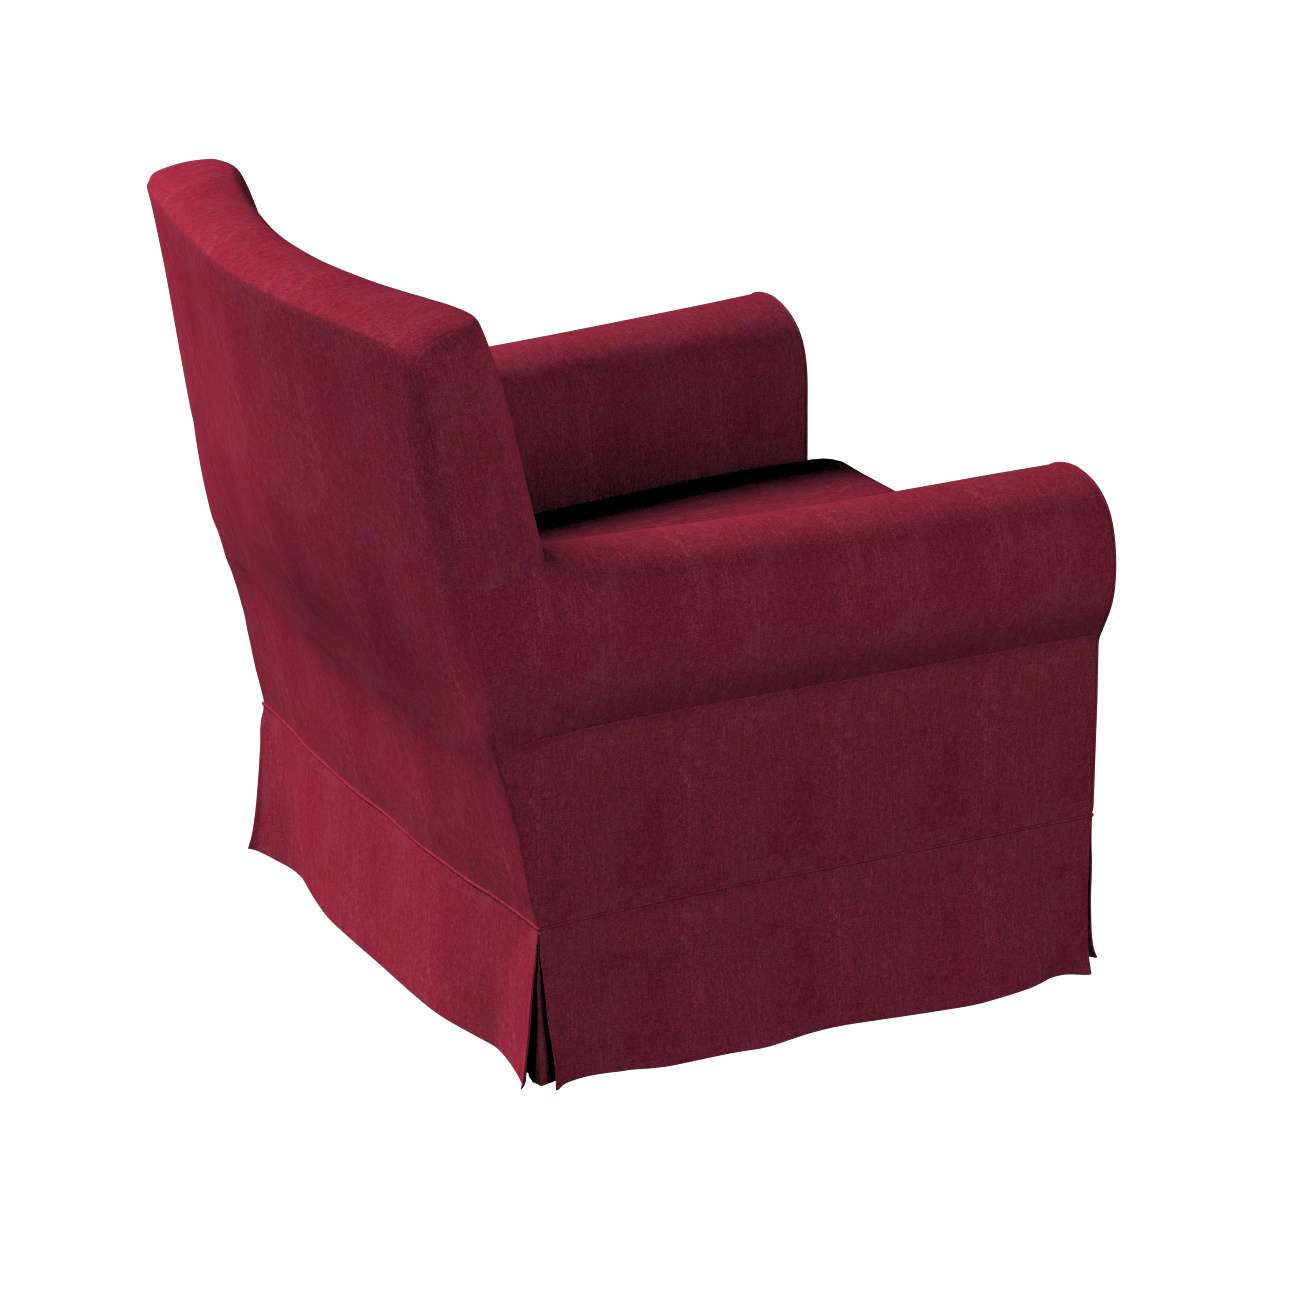 Pokrowiec na fotel Ektorp Jennylund w kolekcji Chenille, tkanina: 702-19